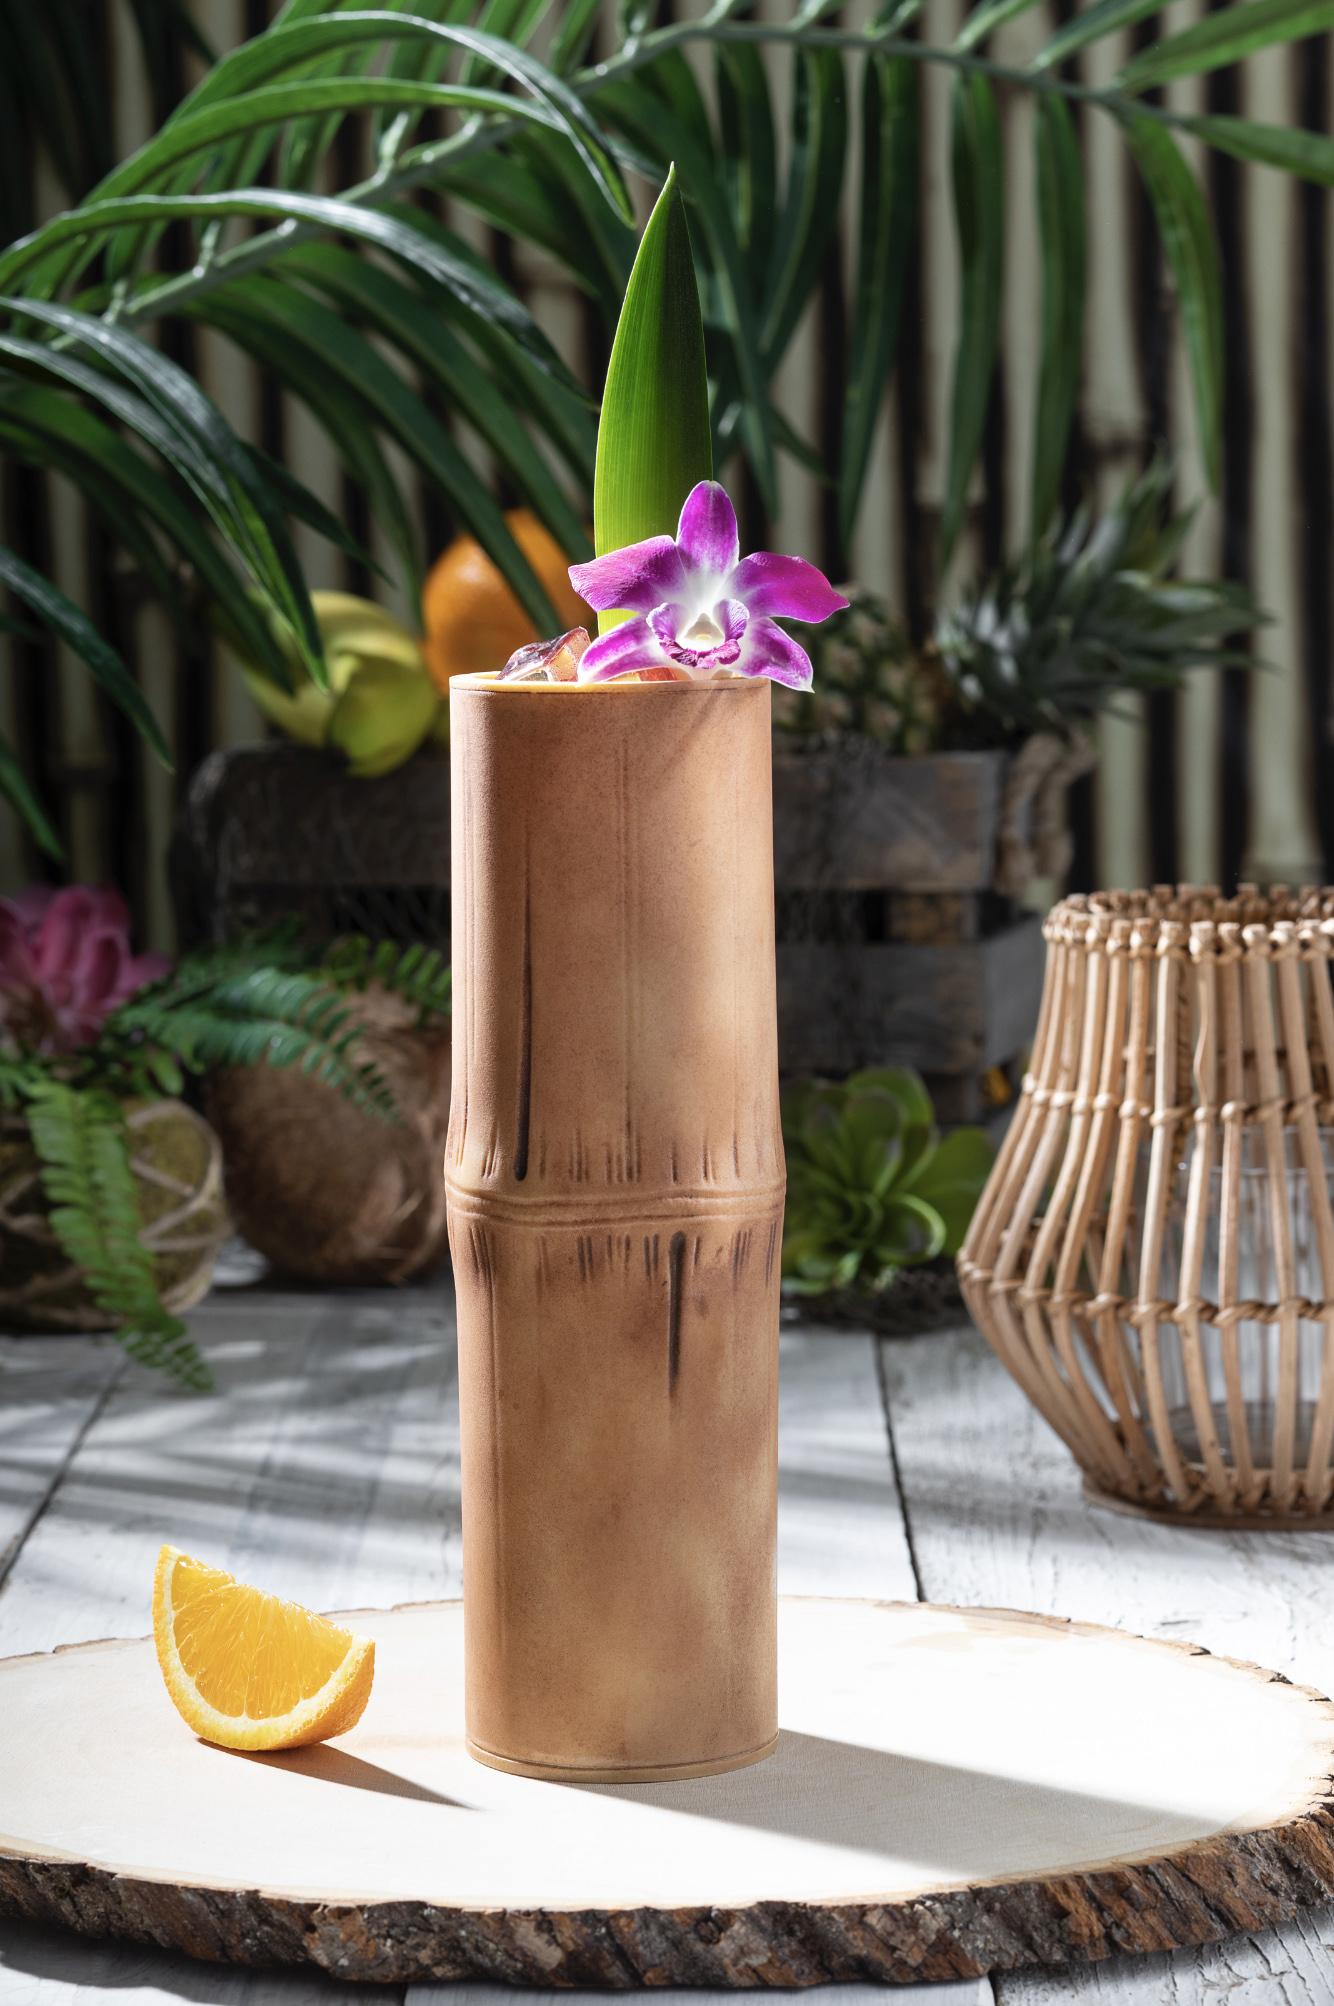 Bamboo-Style Tiki Cup